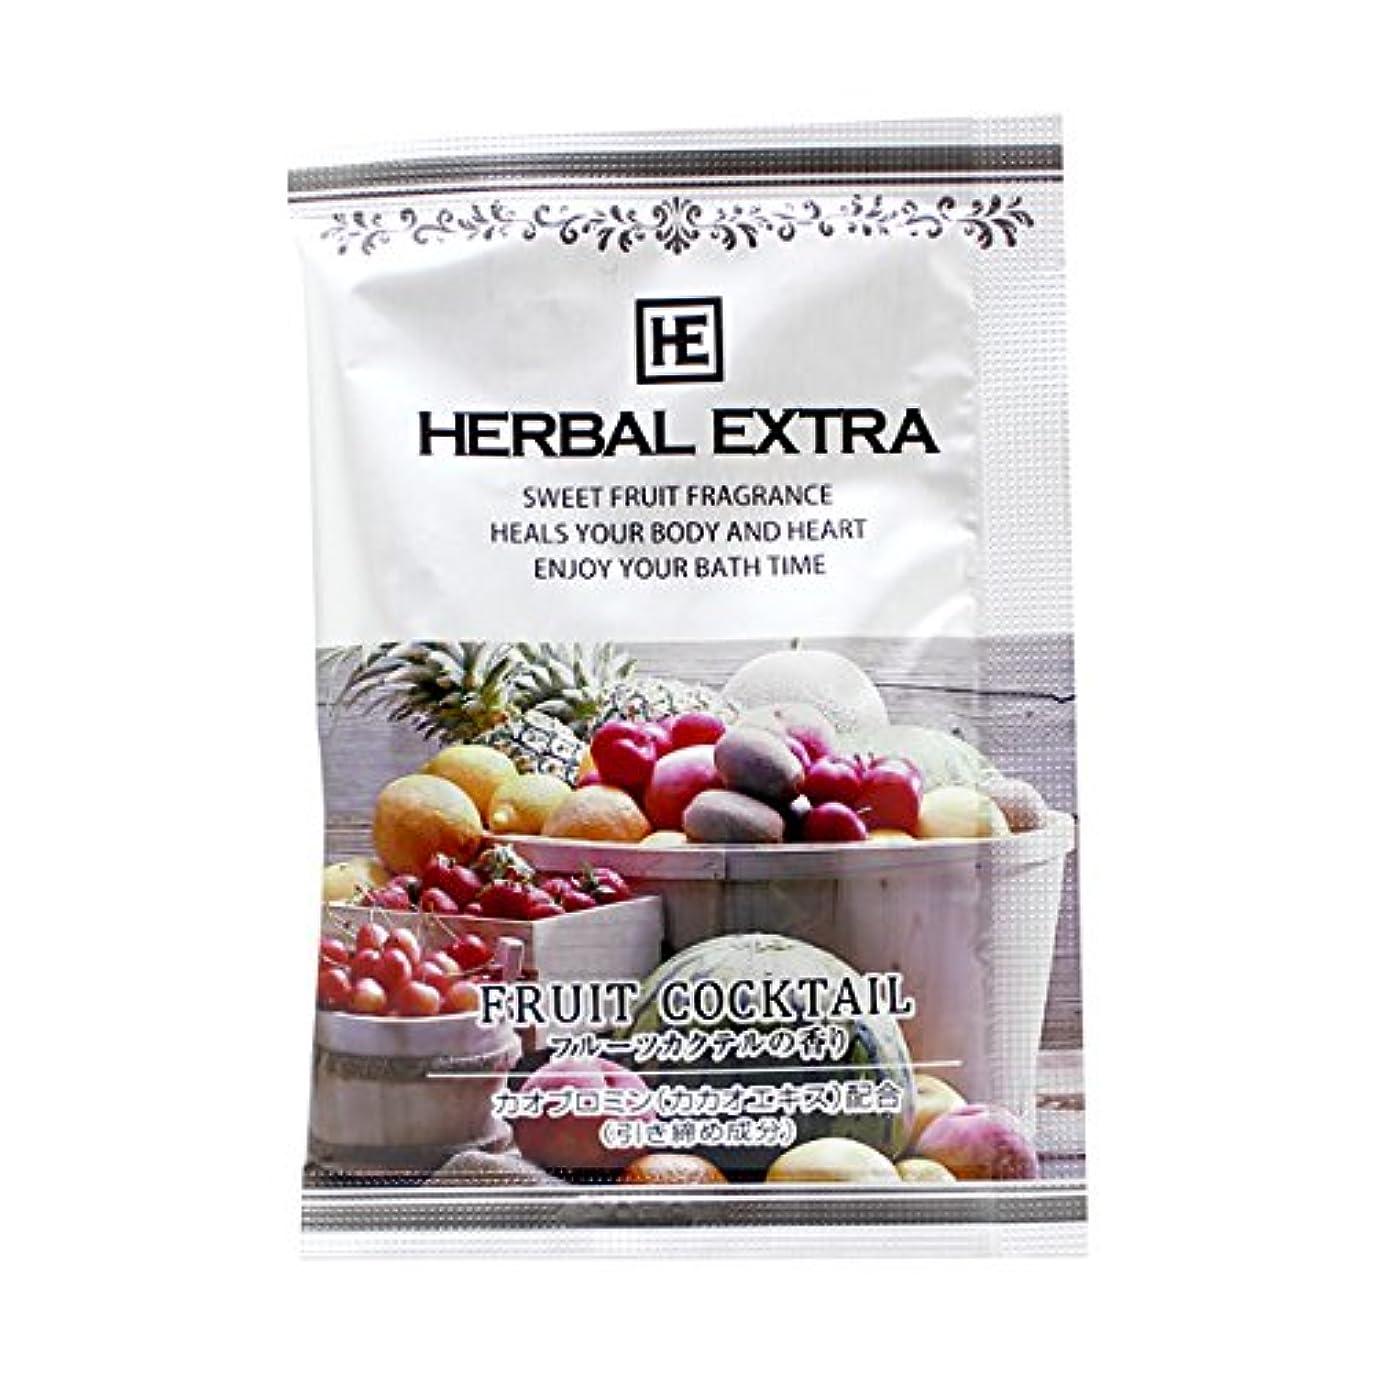 レパートリー苗アスペクト入浴剤 ハーバルエクストラ「フルーツカクテルの香り」30個